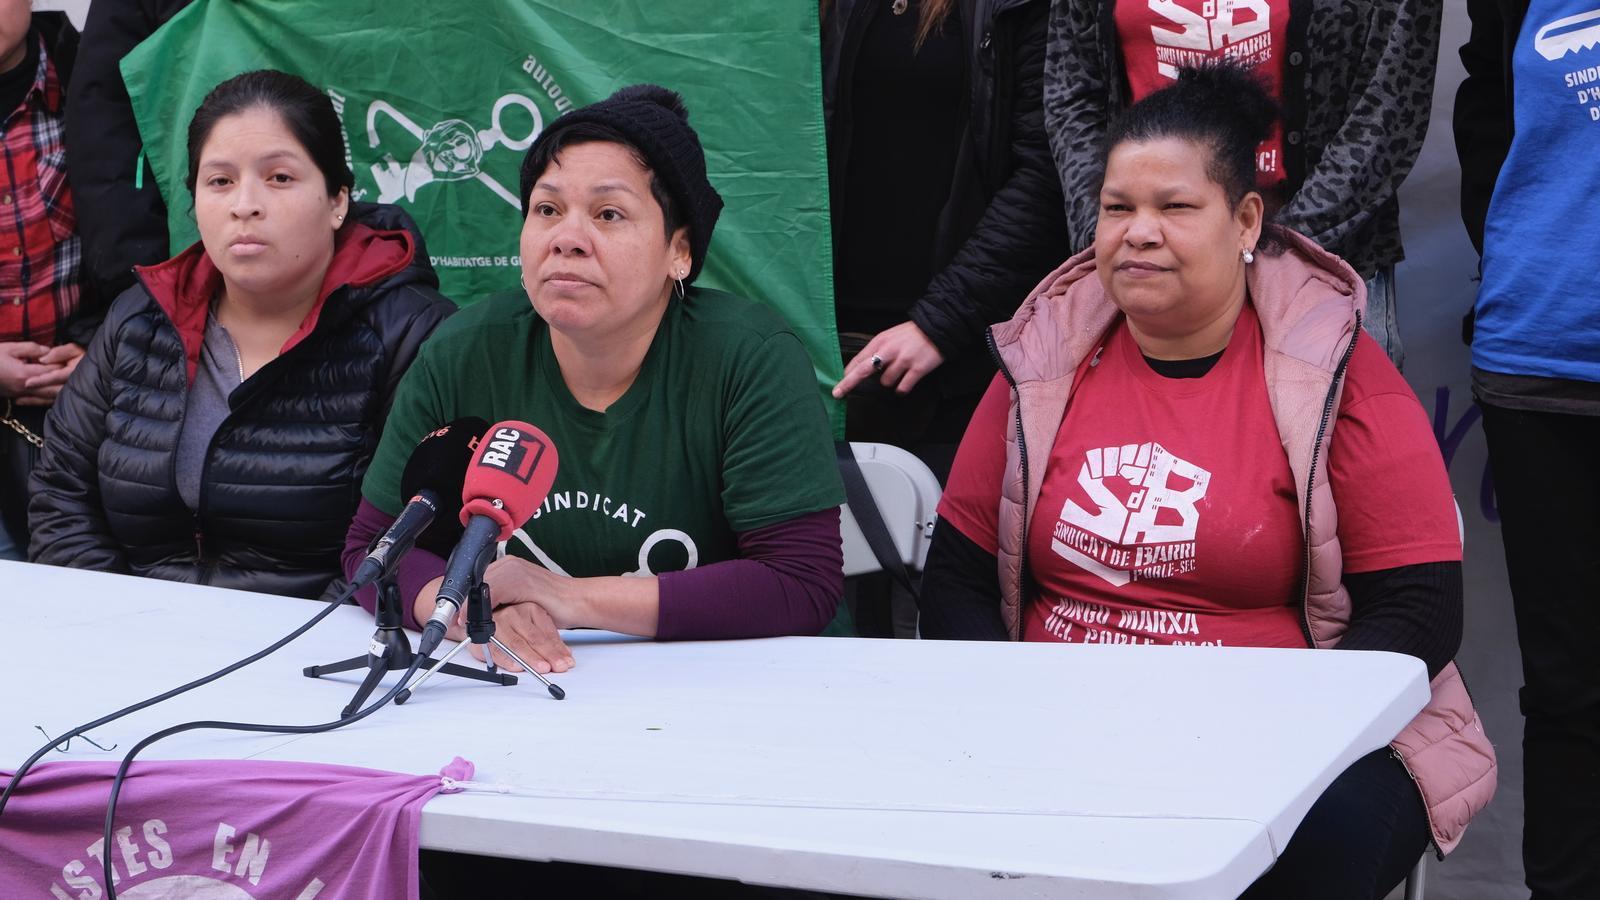 D'esquerra a dreta, la Joselyn, l'Ana Maria i la Lisbeth, durant la roda de premsa